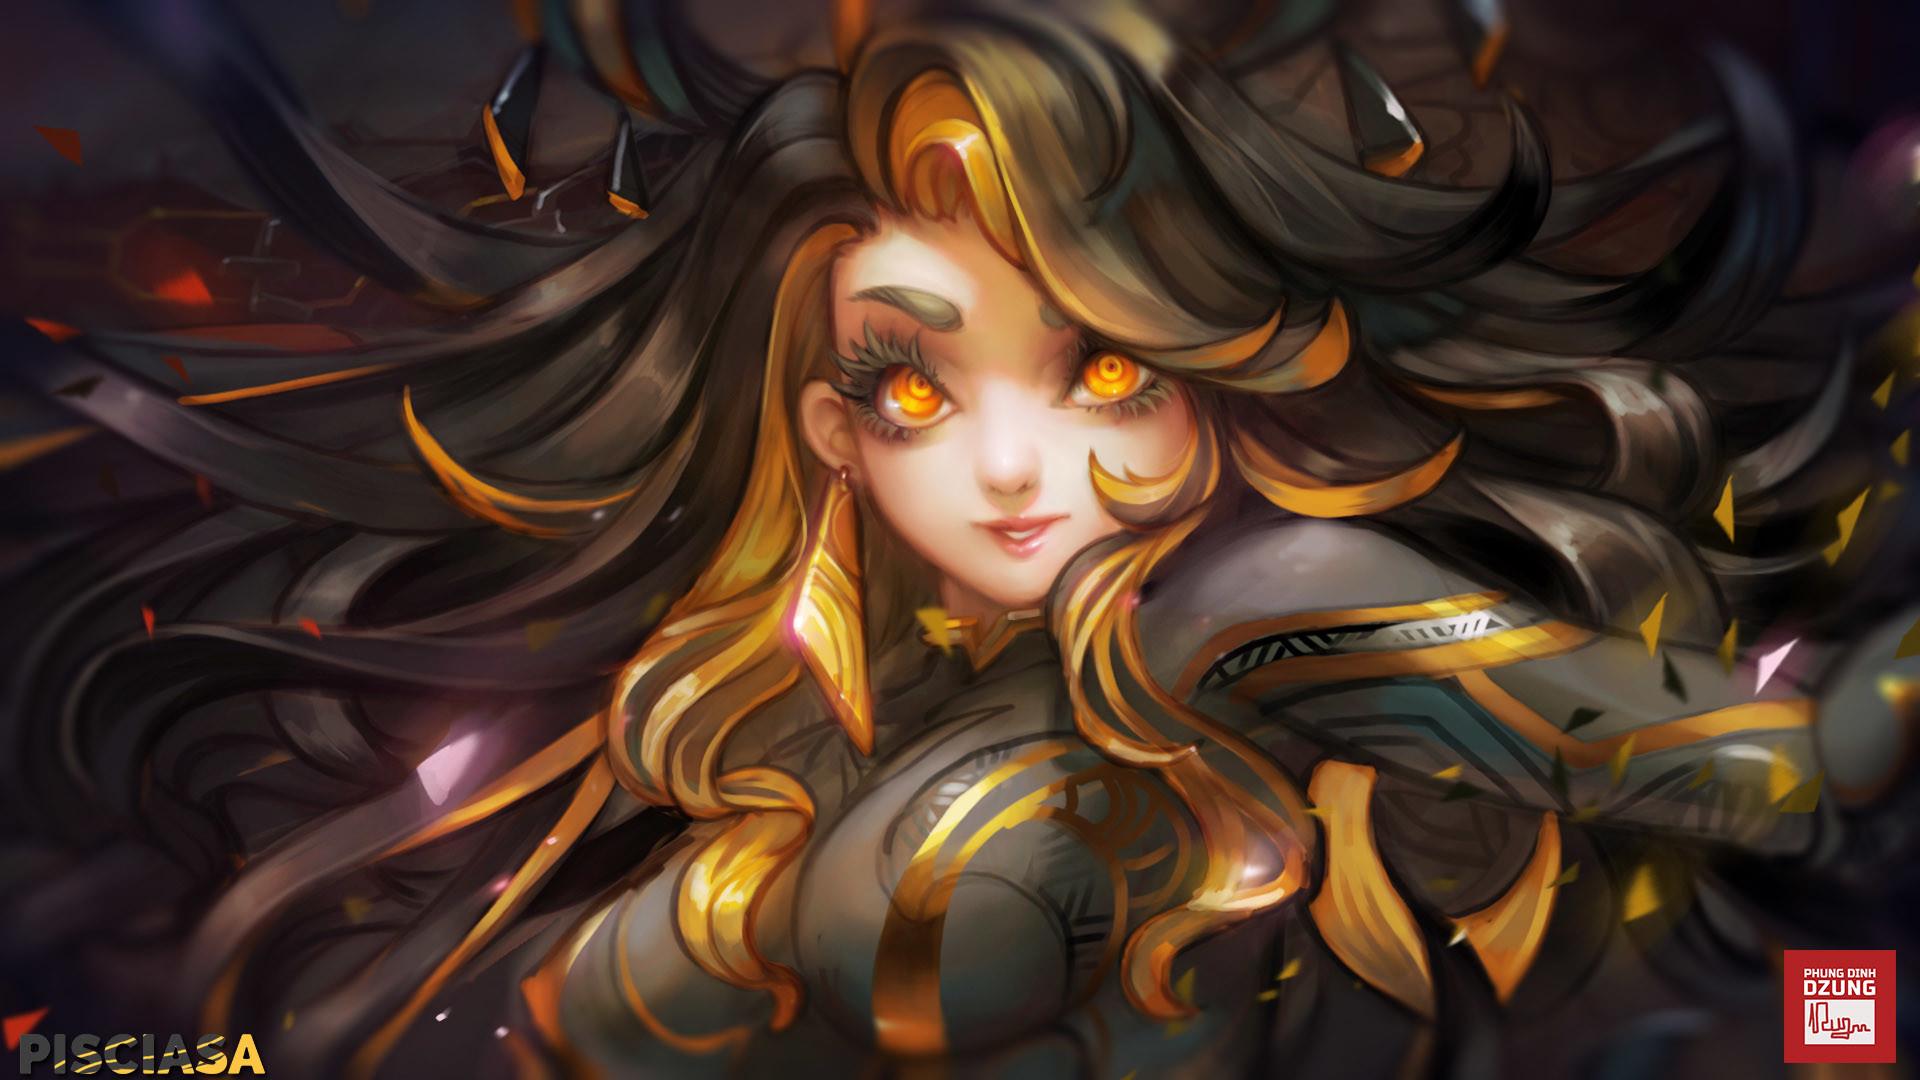 Dzung phung dinh closeup1 001